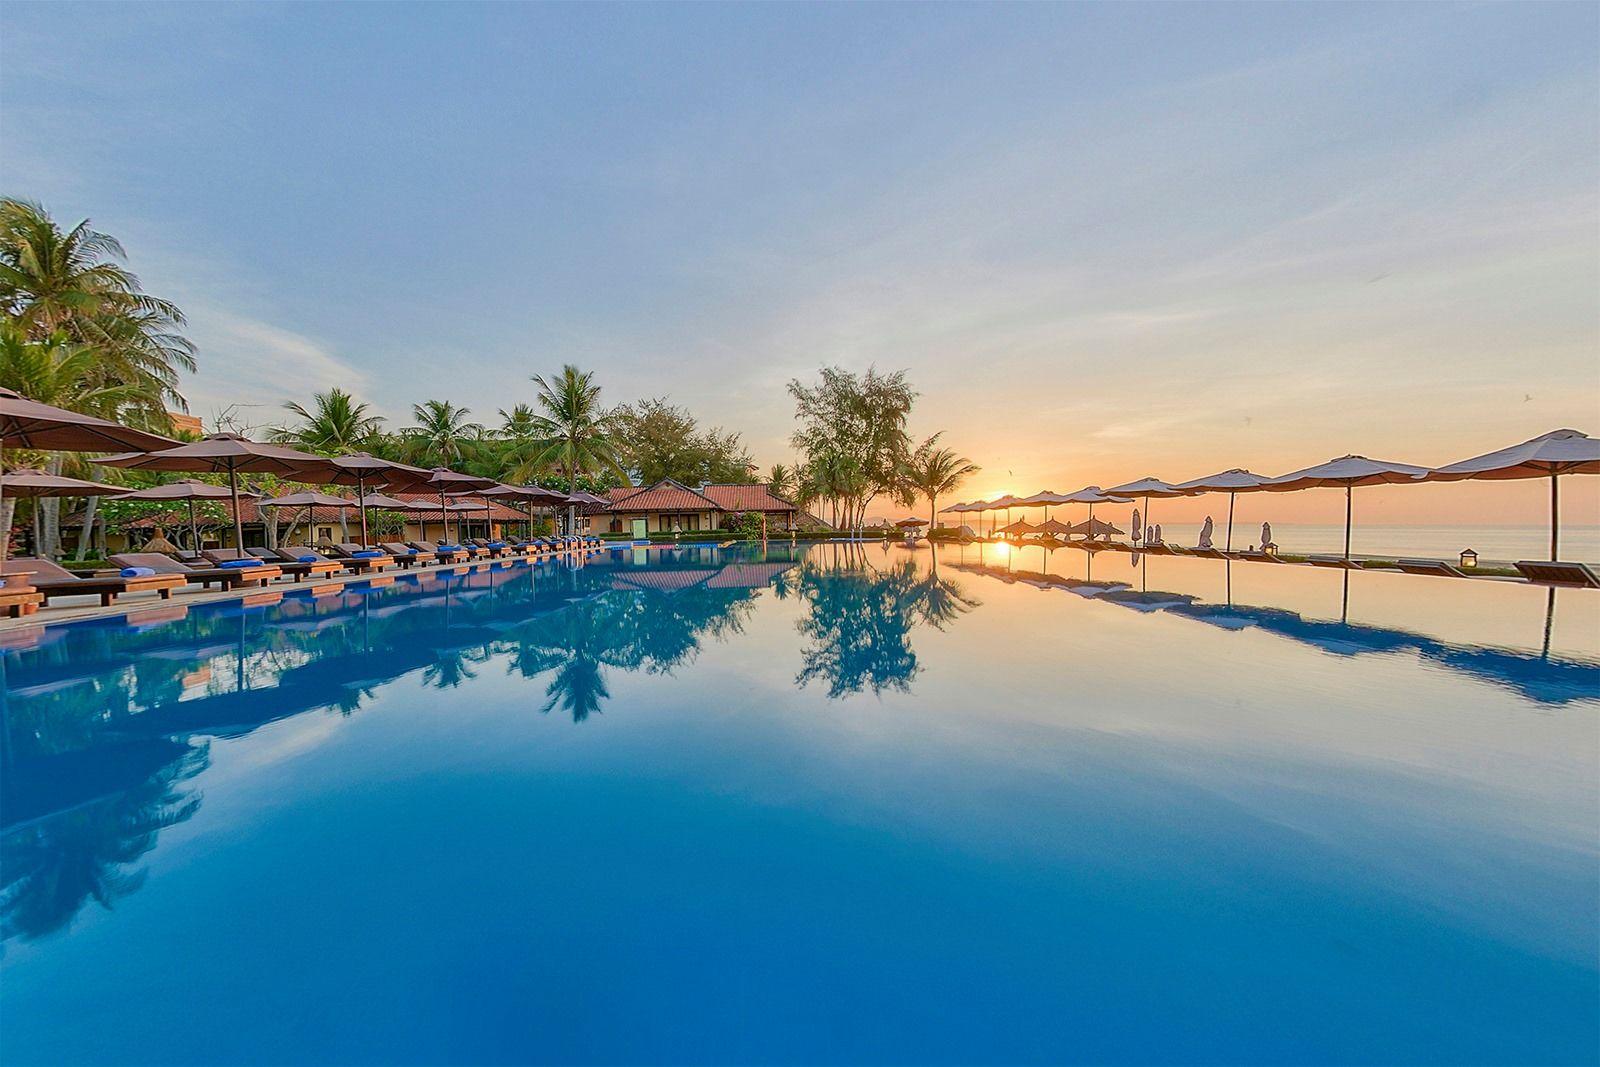 Phan Thiết mùa này siêu đẹp với Seahorse Resort & Spa Phan Thiết